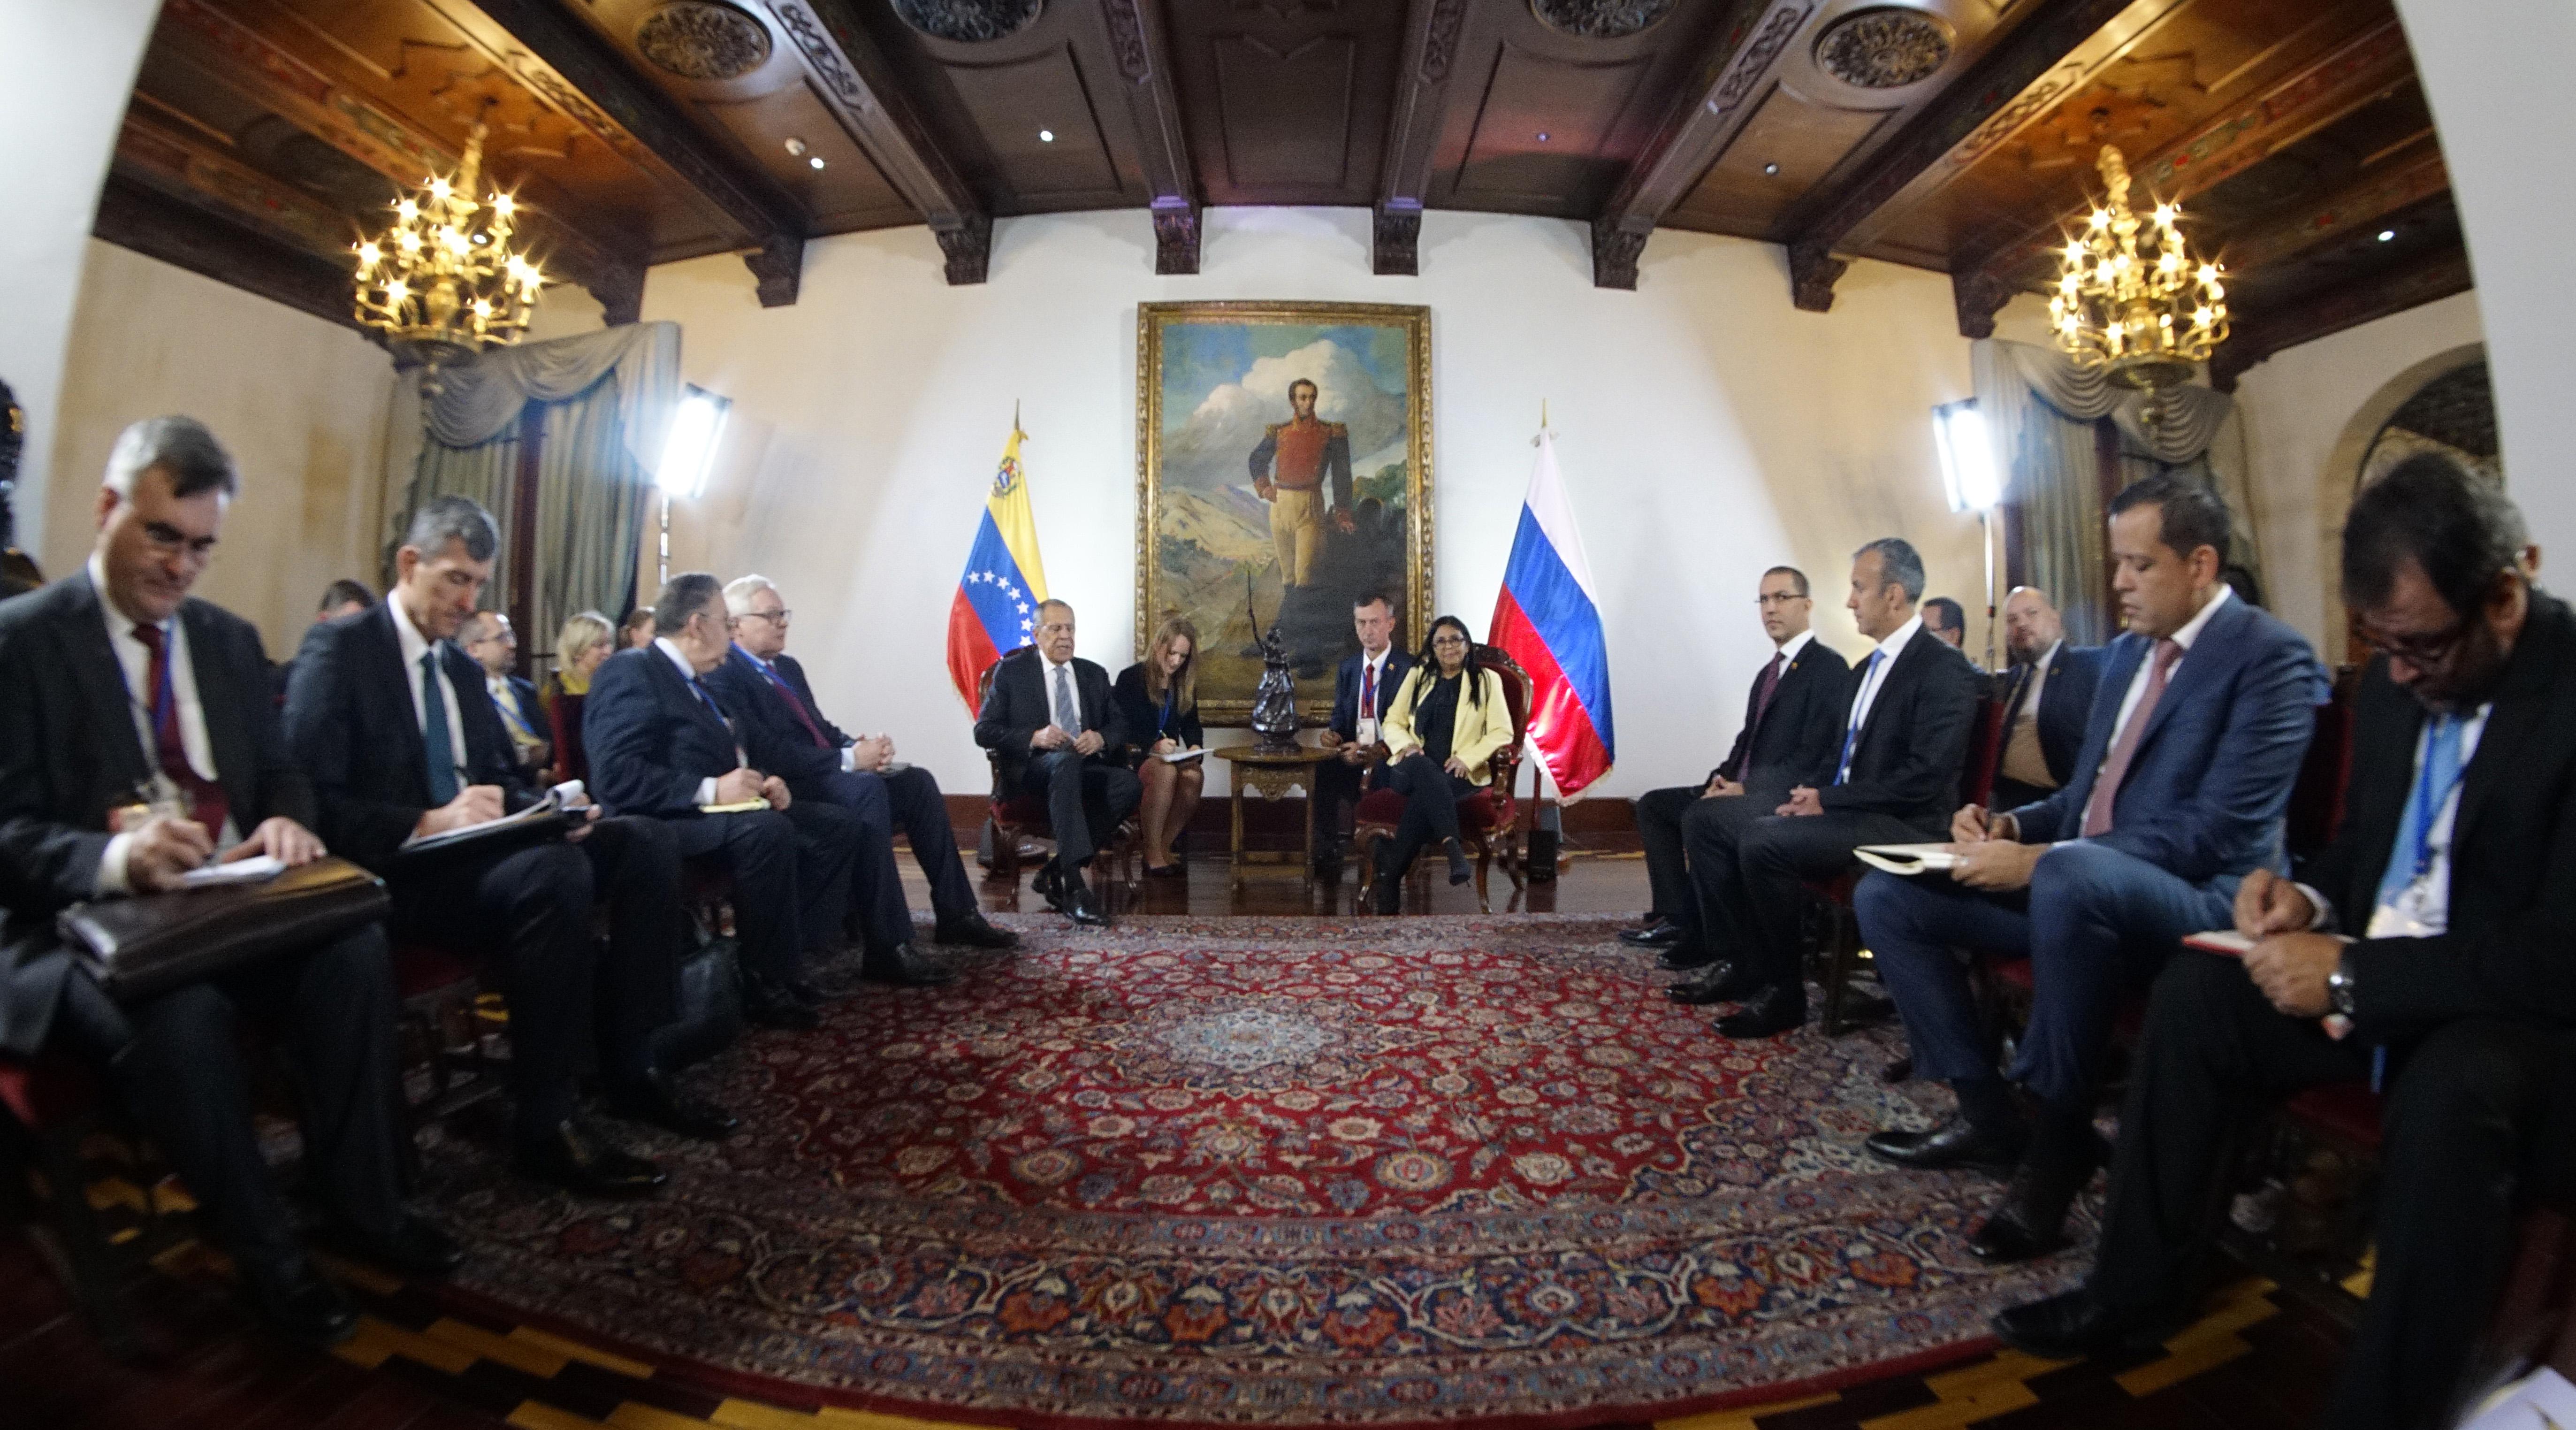 Venezuela y Rusia continúan fortaleciendo relaciones bilaterales